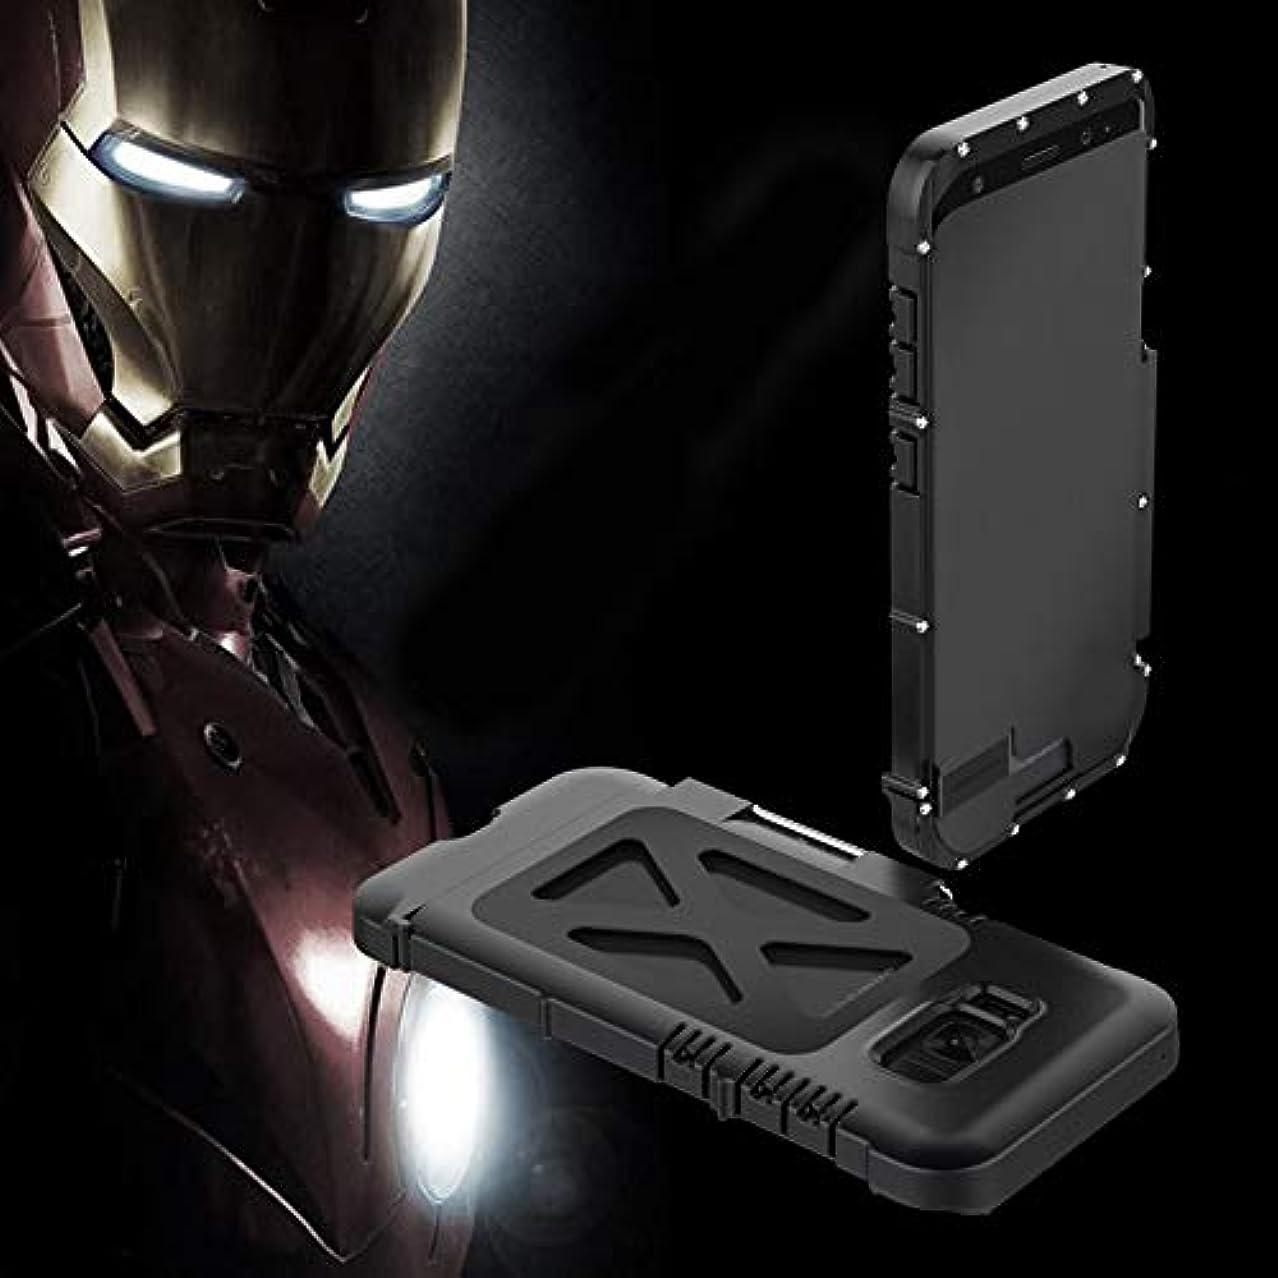 神秘眼発揮するTonglilili 携帯電話ケース、サムスンS5、S6、S6エッジ、S6エッジプラス、S7、S7エッジ、S8、S8、S9、S9用ブラケット落下防止クリエイティブスリーインワンメタルフリップアイアンマン保護携帯電話シェルホーンケースプラス (Color : 黒, Edition : S7 Edge)